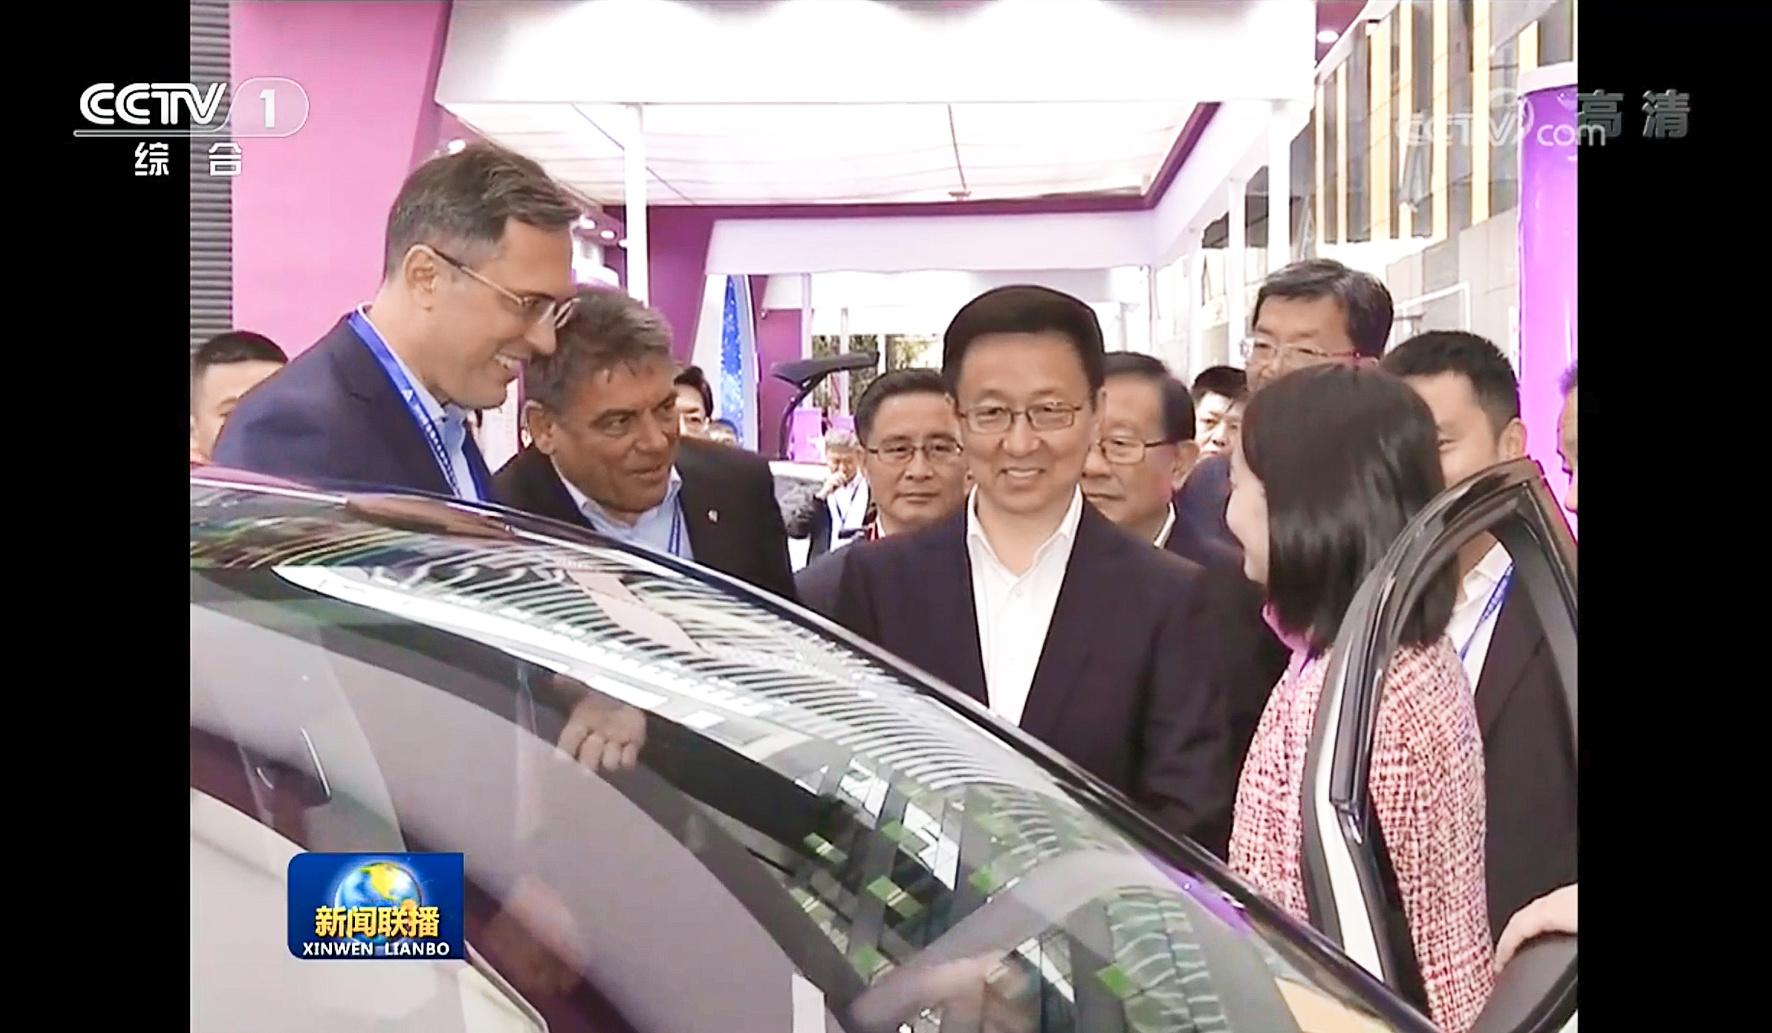 左起:戴雷、毕福康、国务院副总理韩正